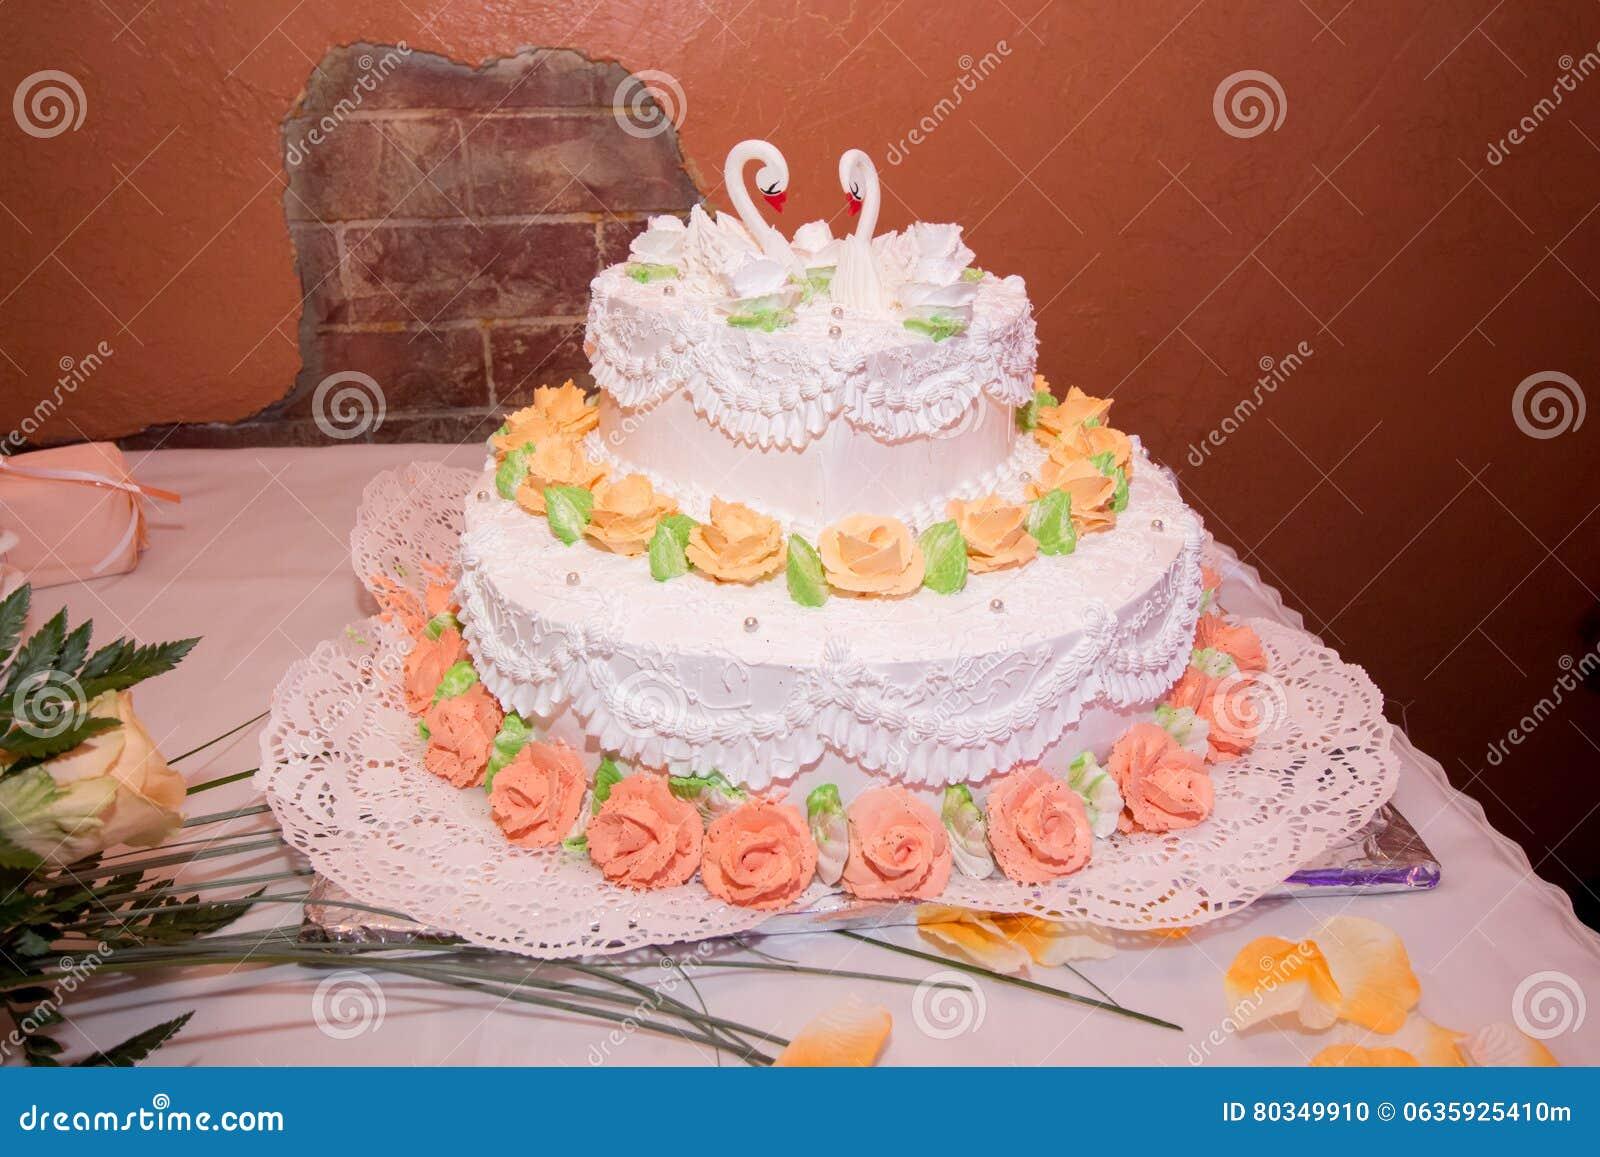 Schone Hochzeitstorte Mit Schwanen Stockfoto Bild Von Essbar Sahne